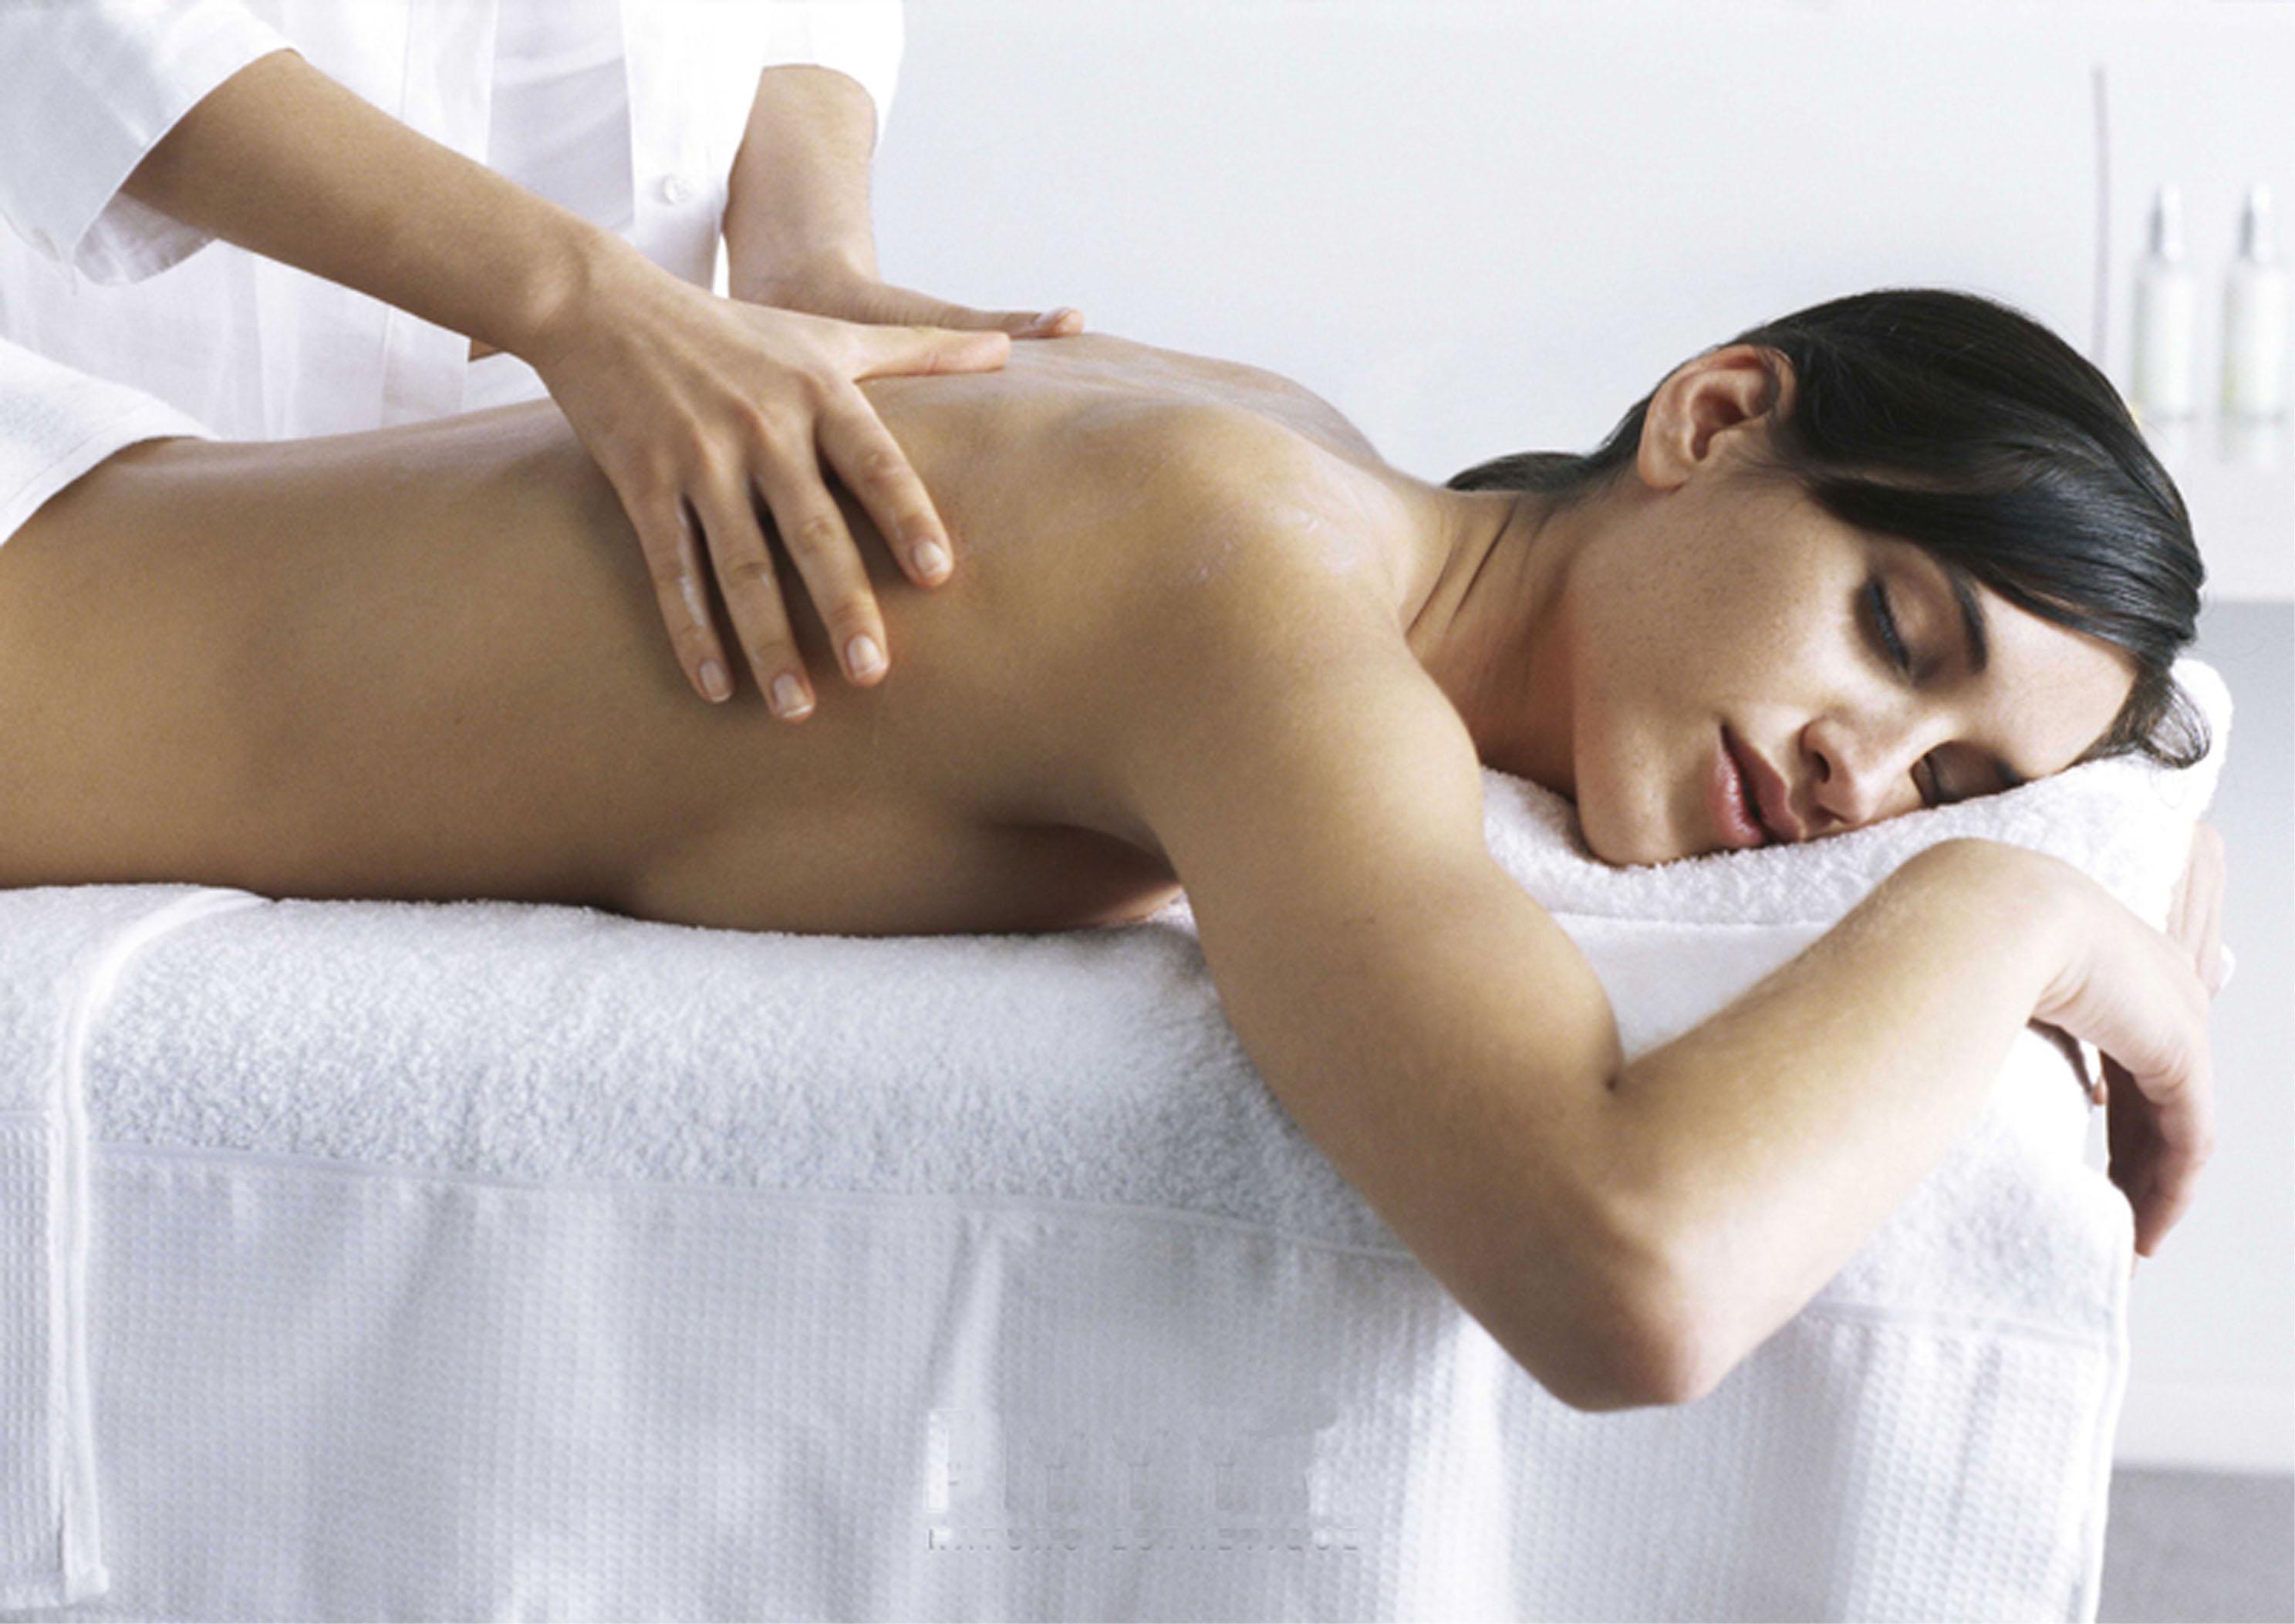 Эротический массаж екатеринбург с миннетом 17 фотография